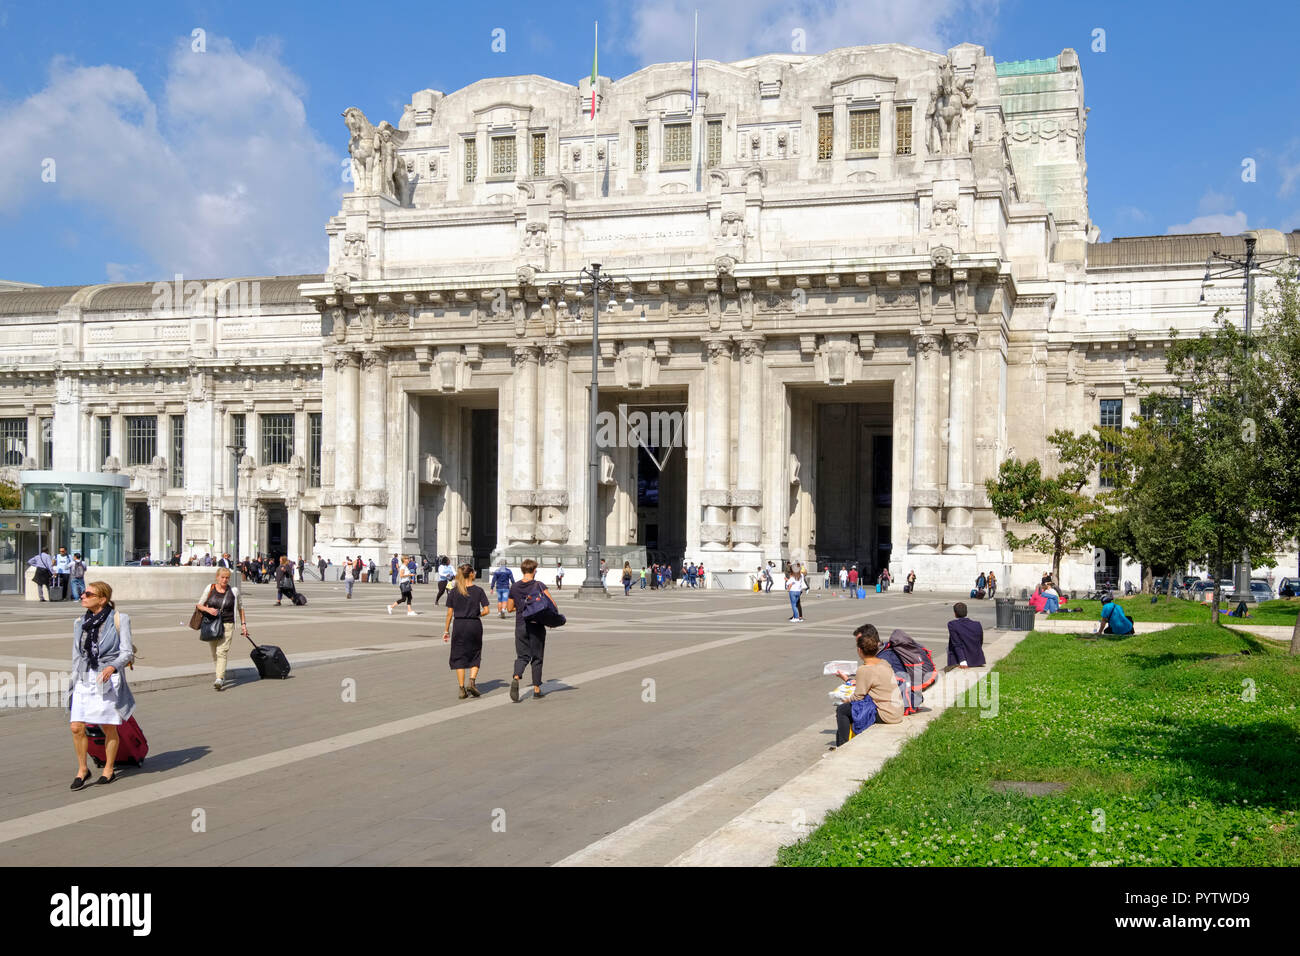 Italy, Lombardy, Milan, Piazza Luigi di Savoia. Main entrance Central Station (Stazione di Milano Centrale) - Stock Image